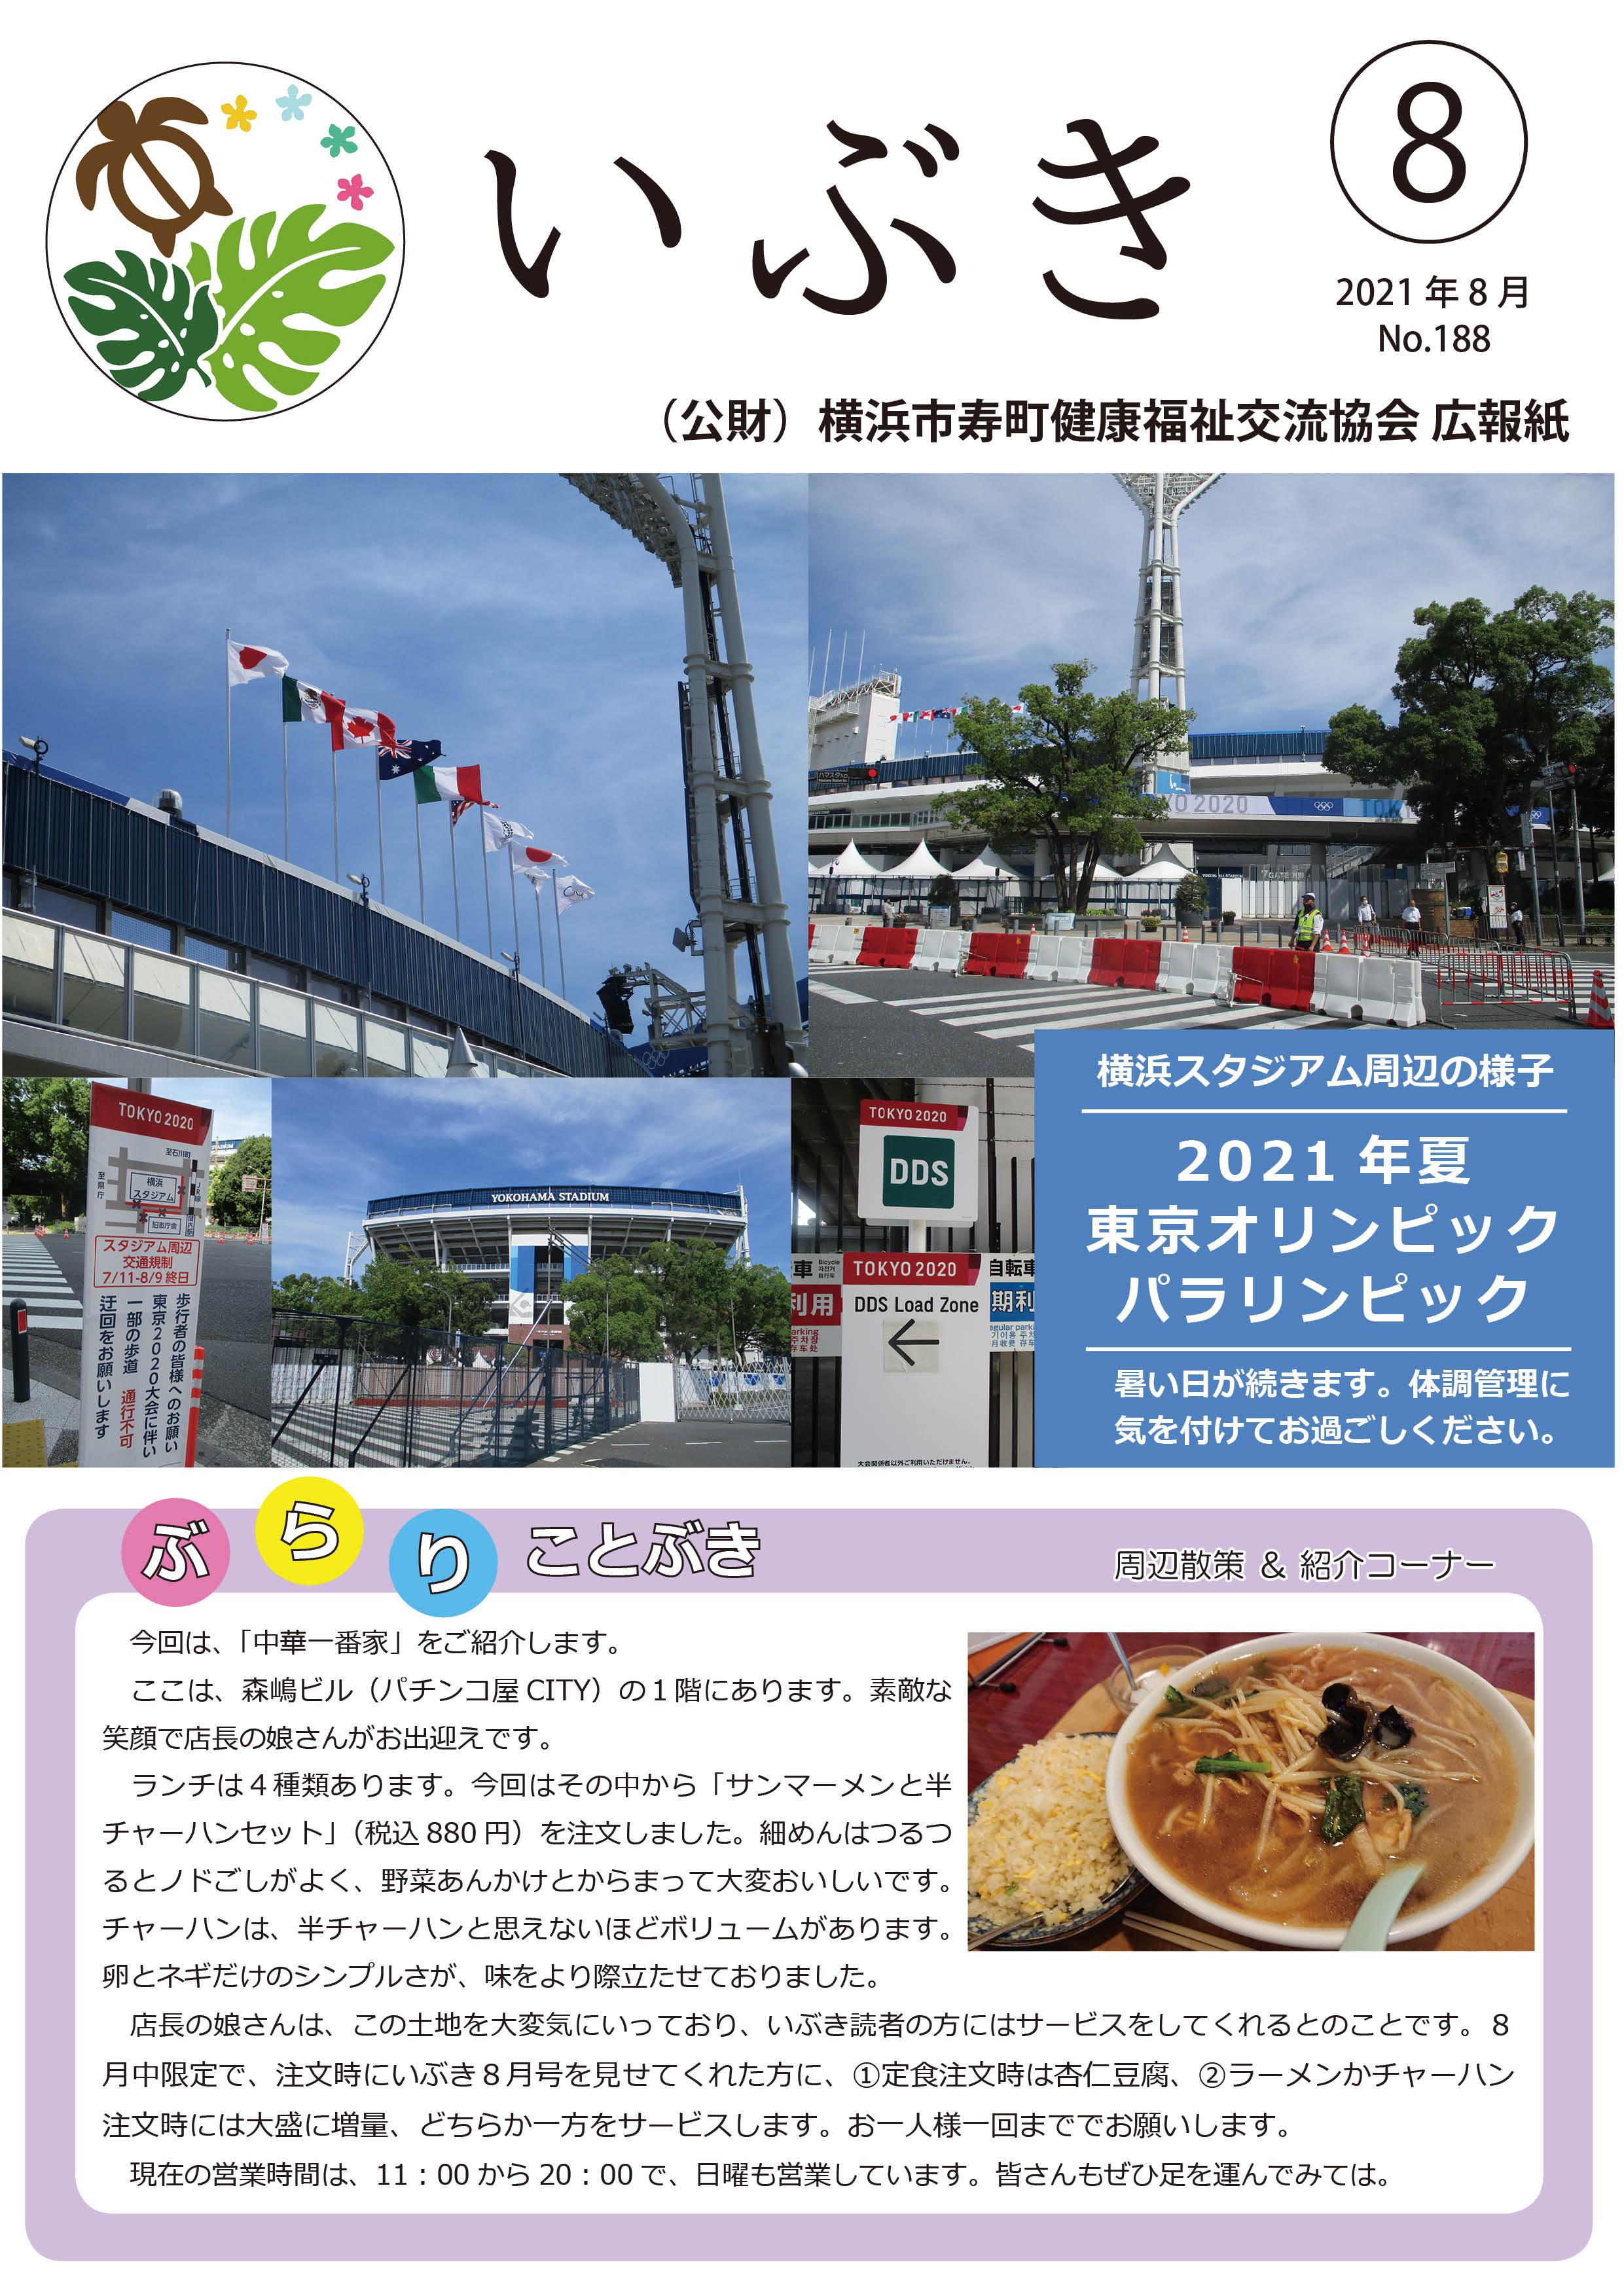 広報紙いぶき2021年8月号(No.188)